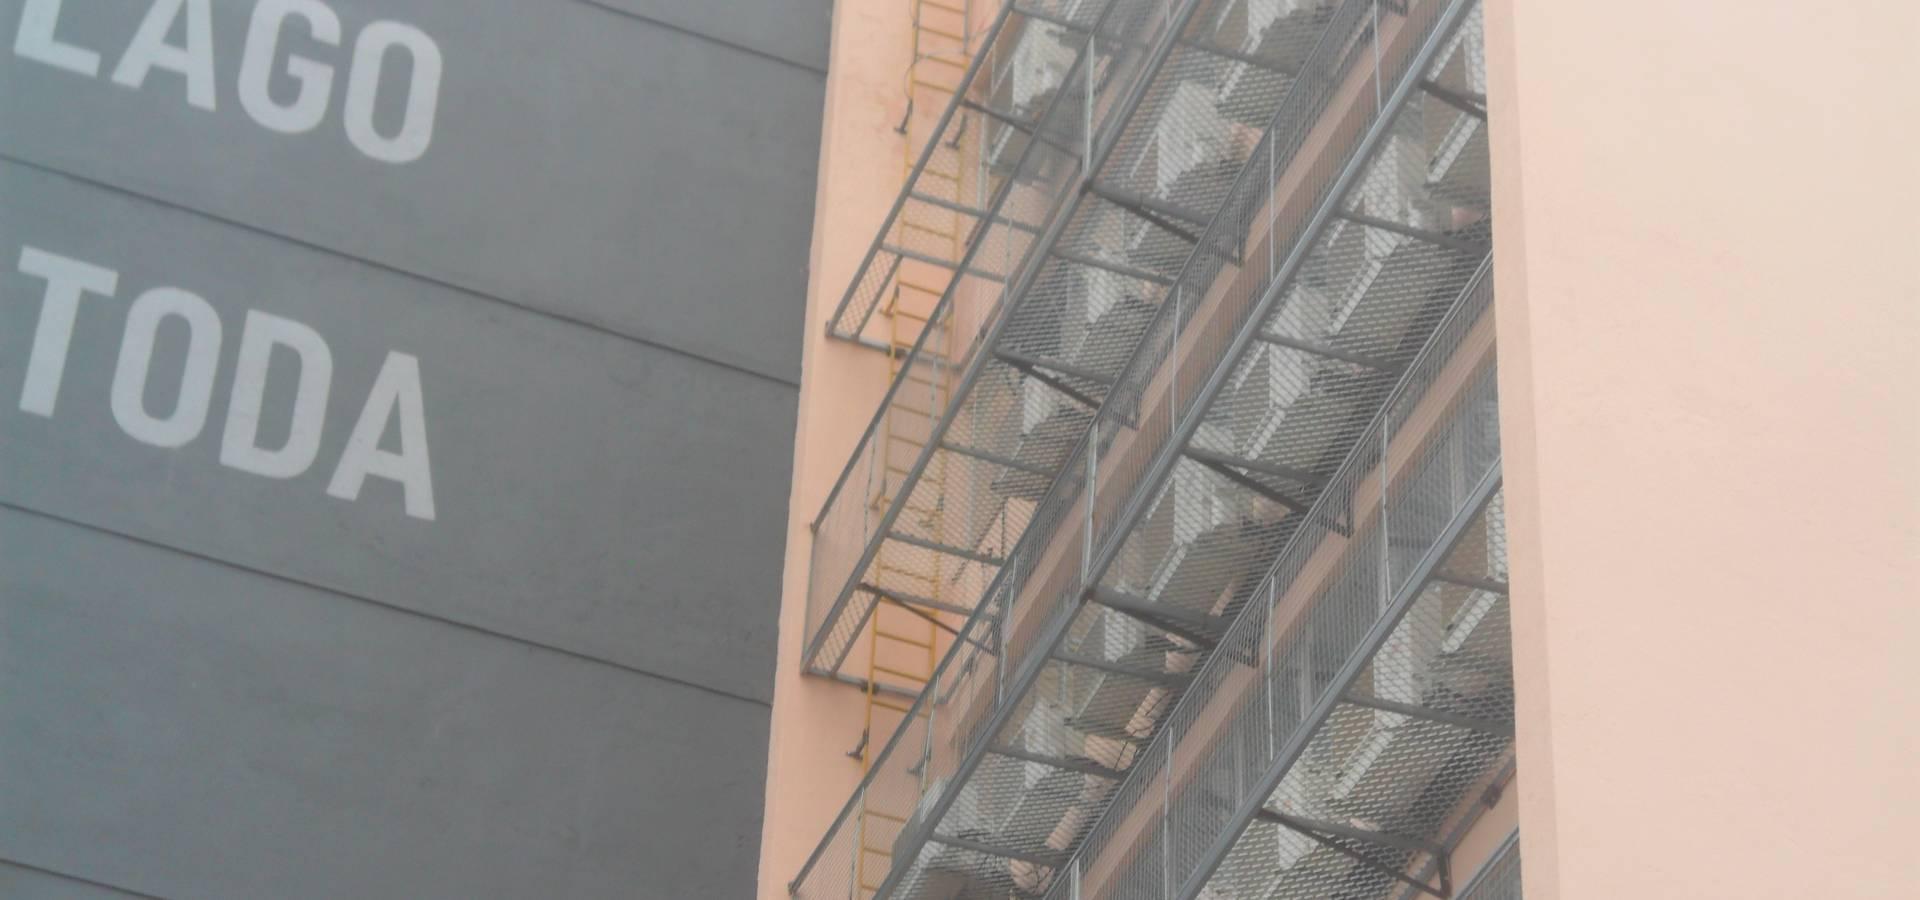 Thidemar Serviços de Construção Civil Ltda